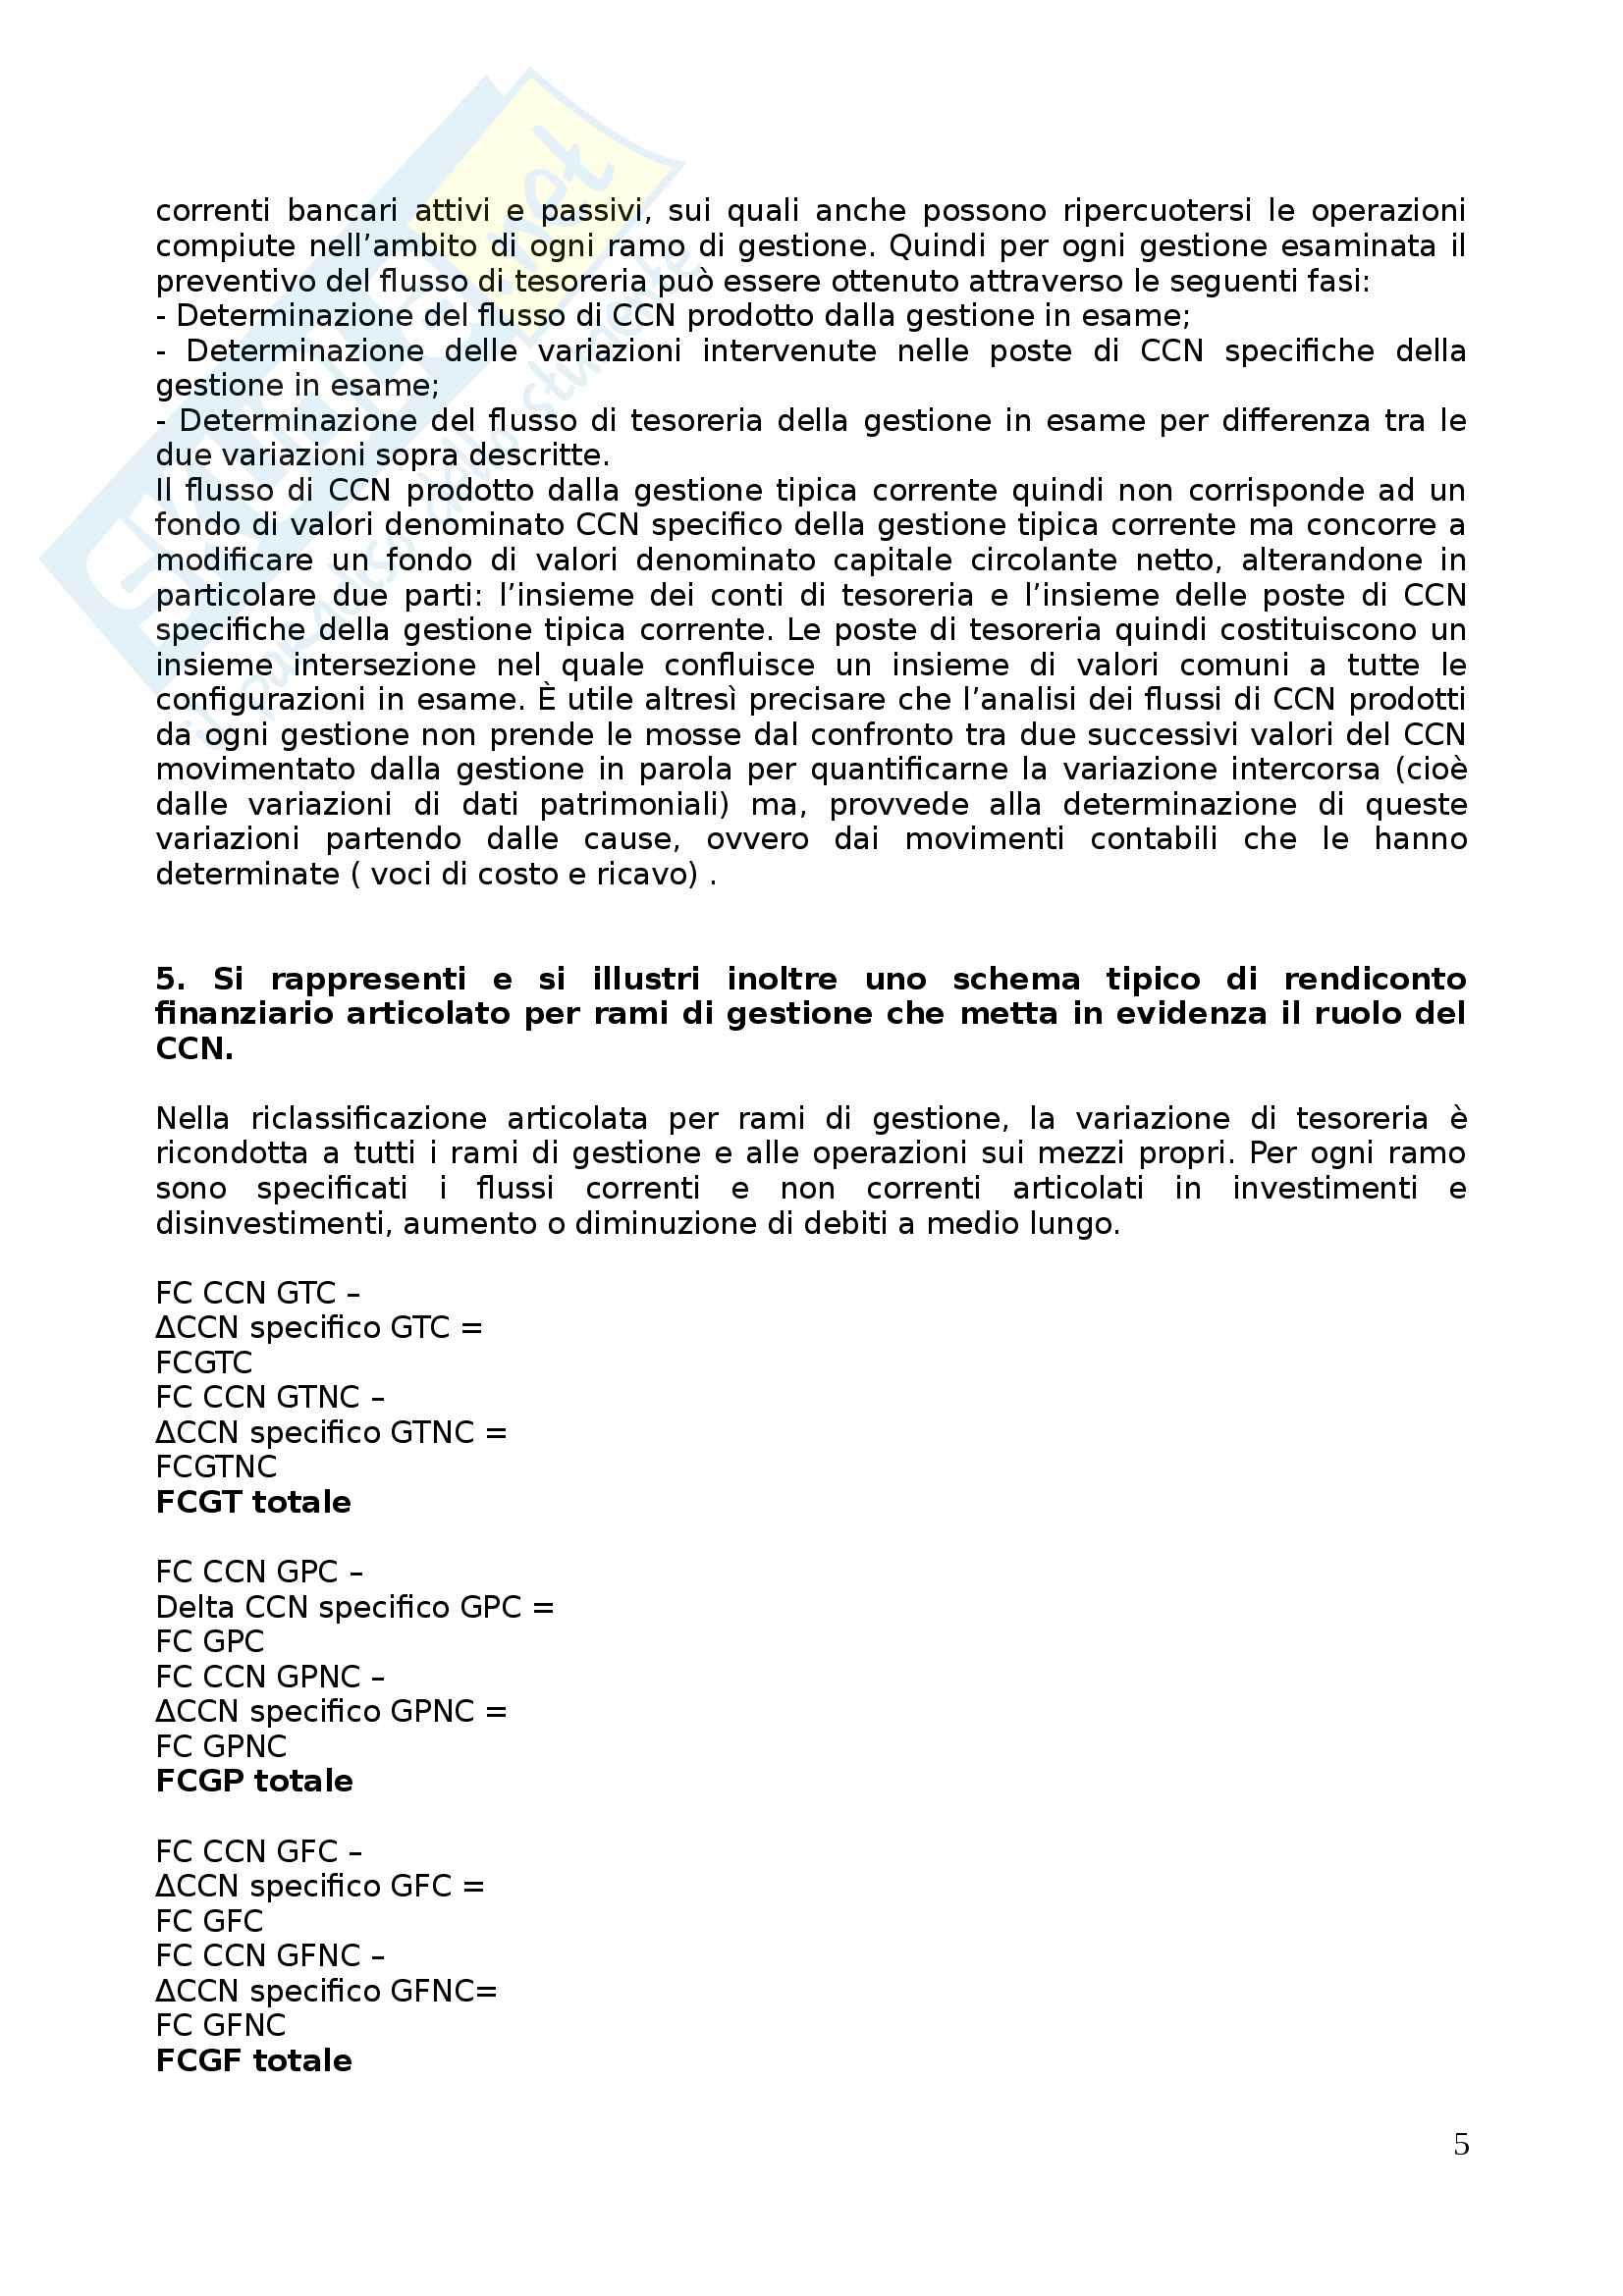 Apppunti di Metodologie 2 (bilancio consolidato e analisi di bilancio) + temi d'esame svolti Pag. 111